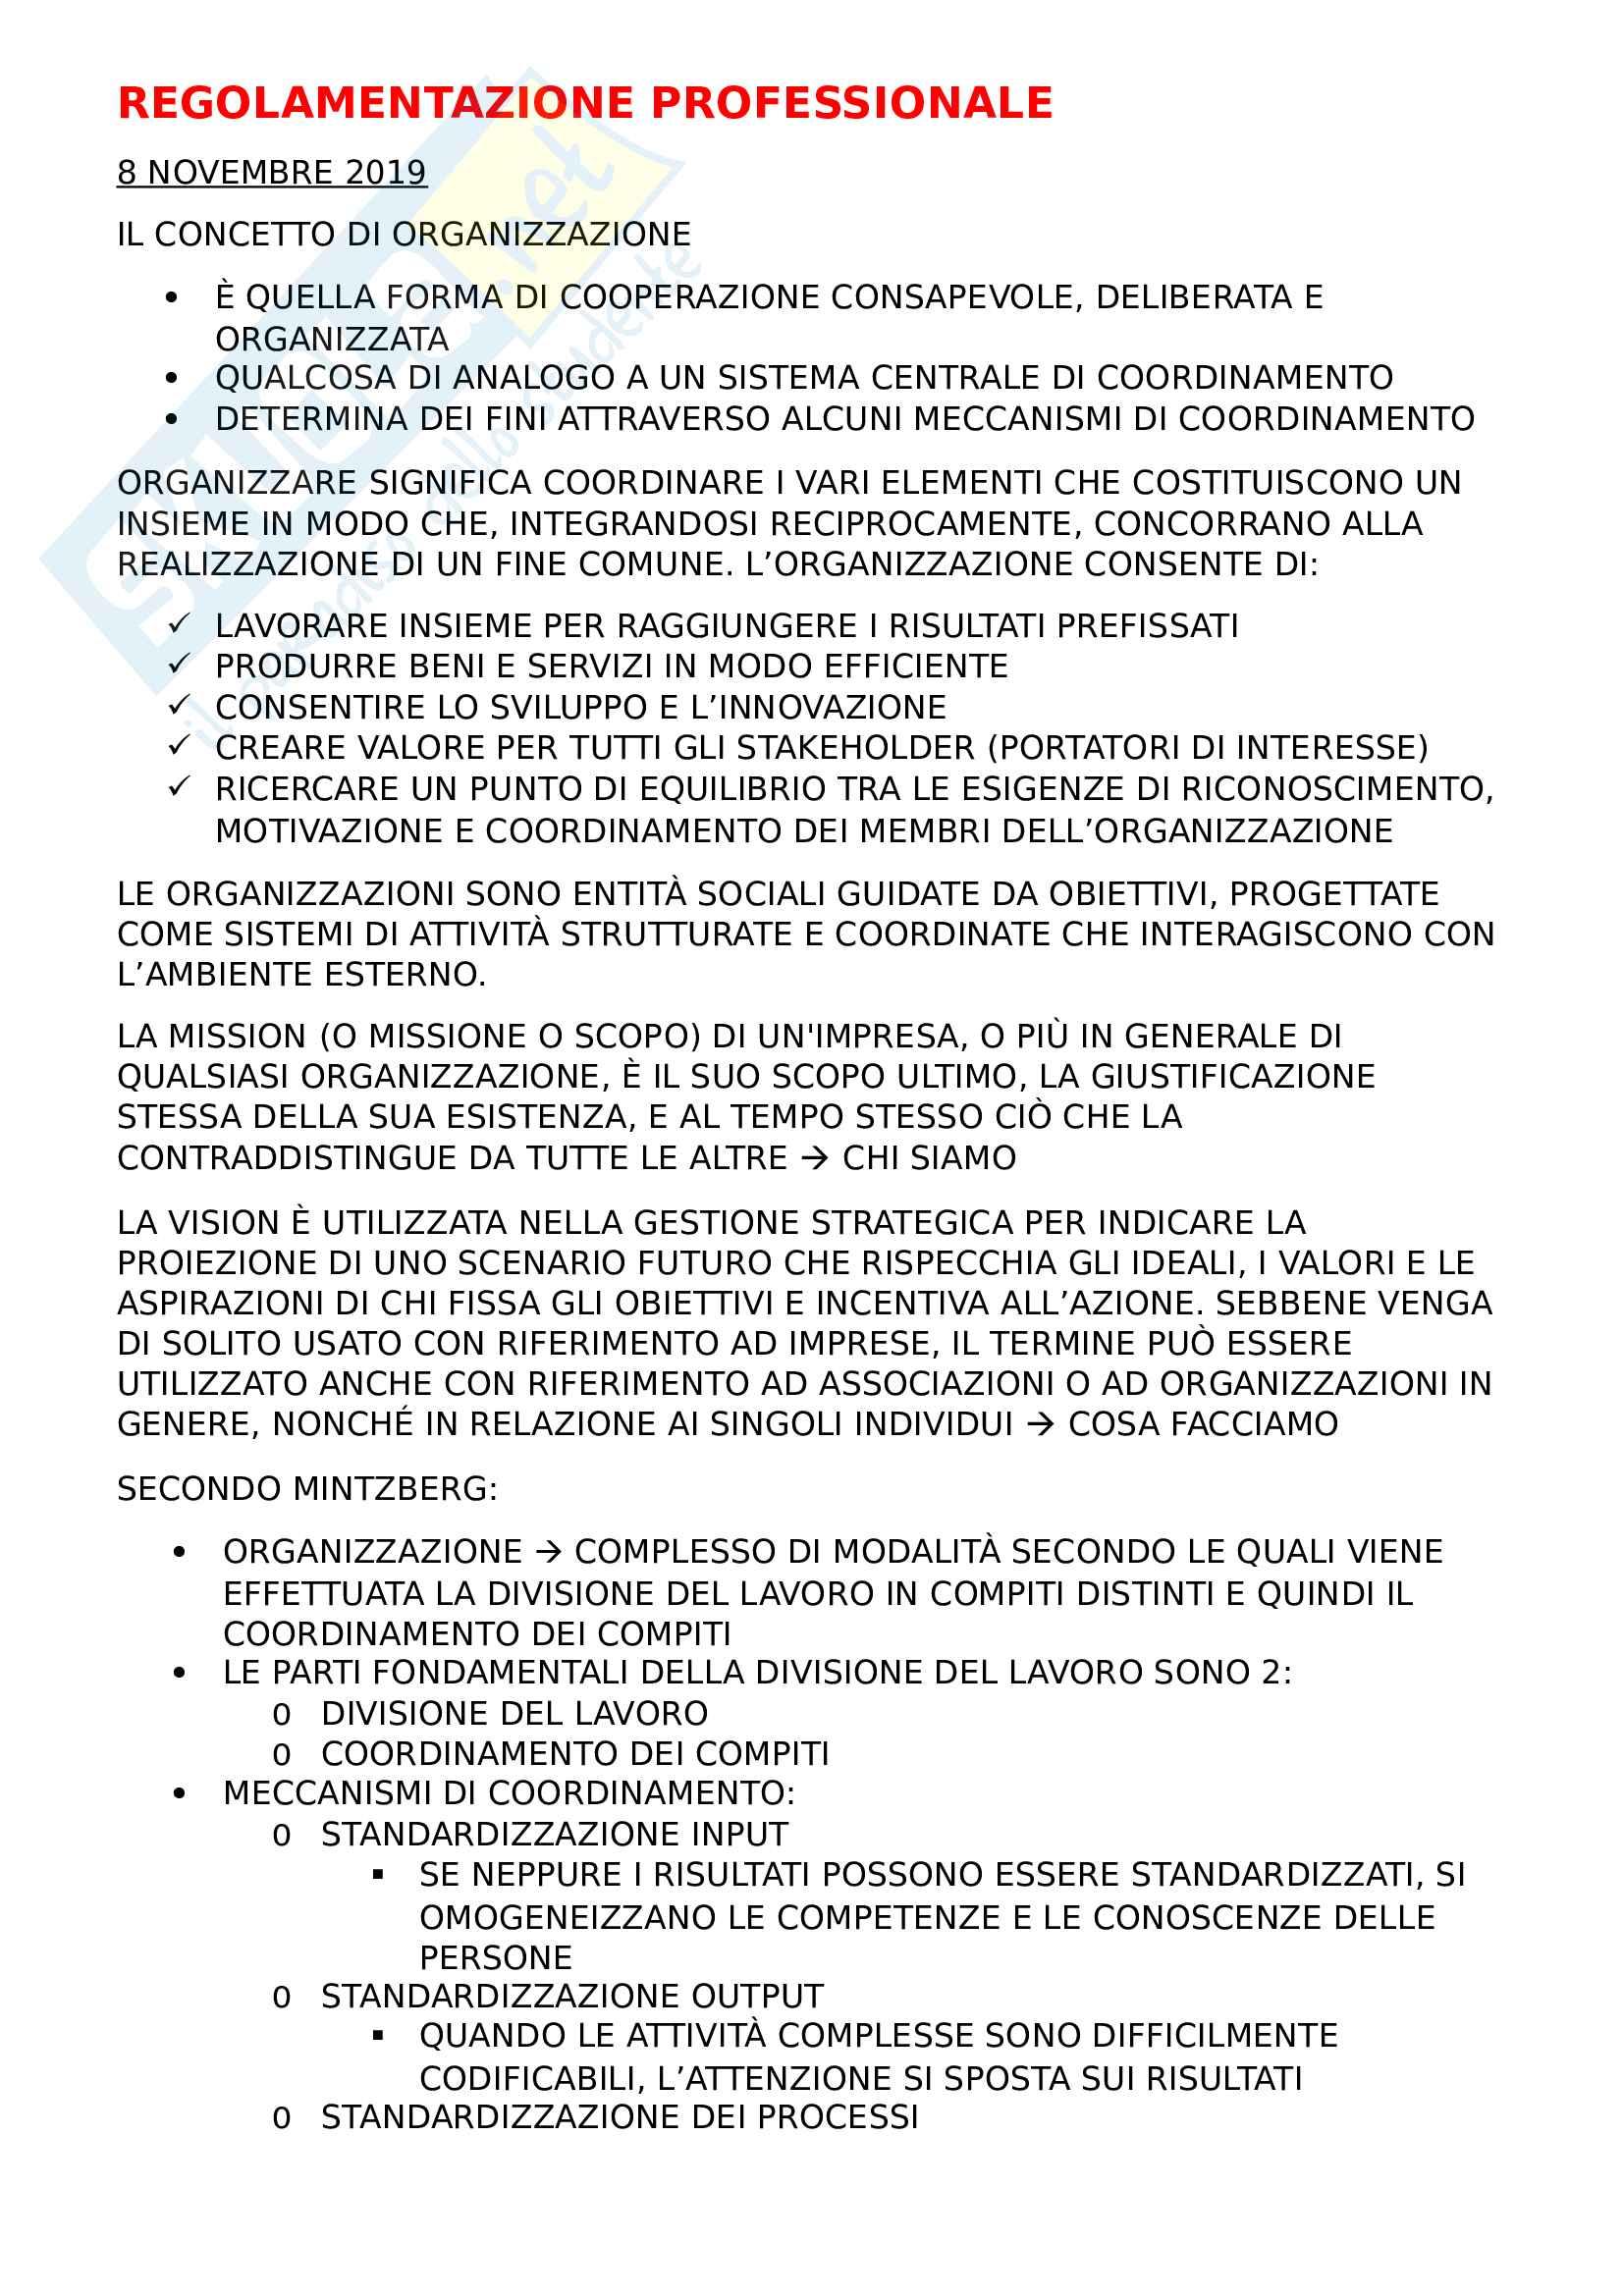 Regolamentazione professionale (infermieristica)